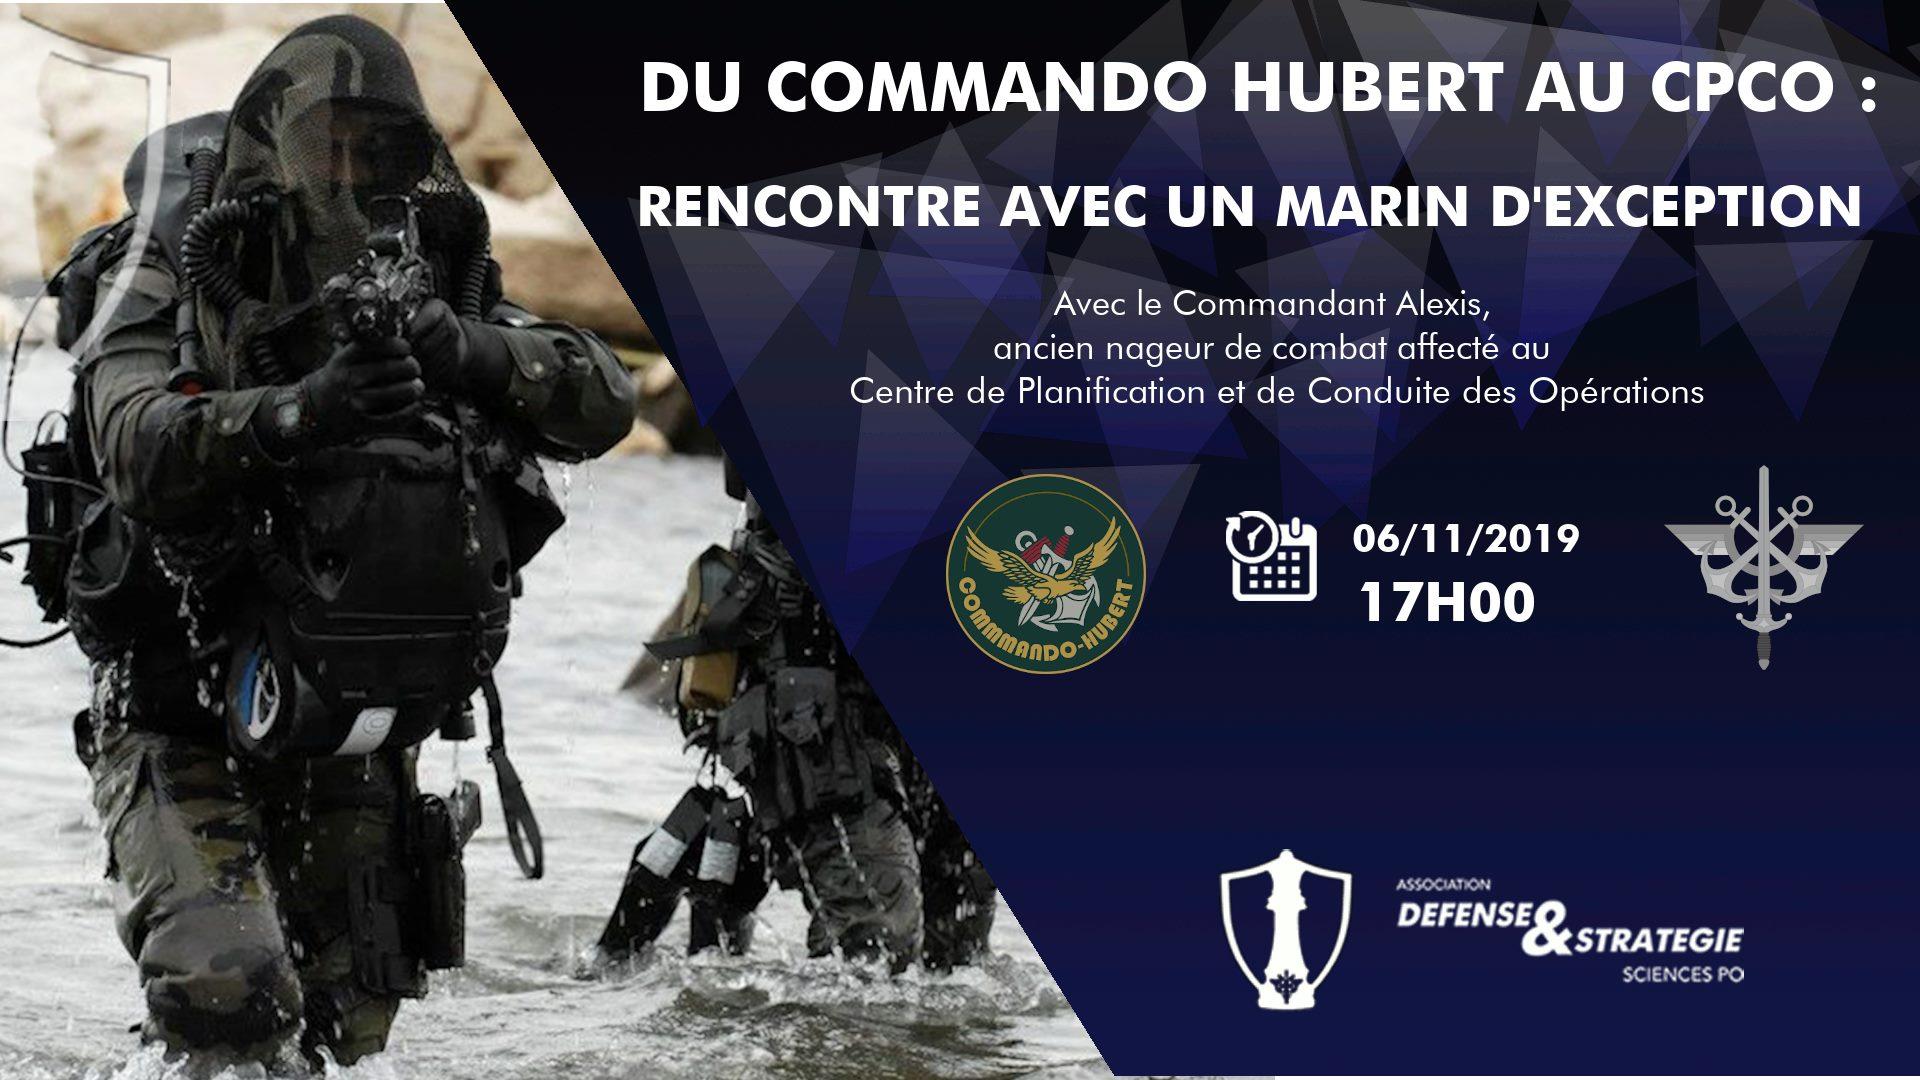 Du commando Hubert au CPCO : rencontre avec un marin d'exception